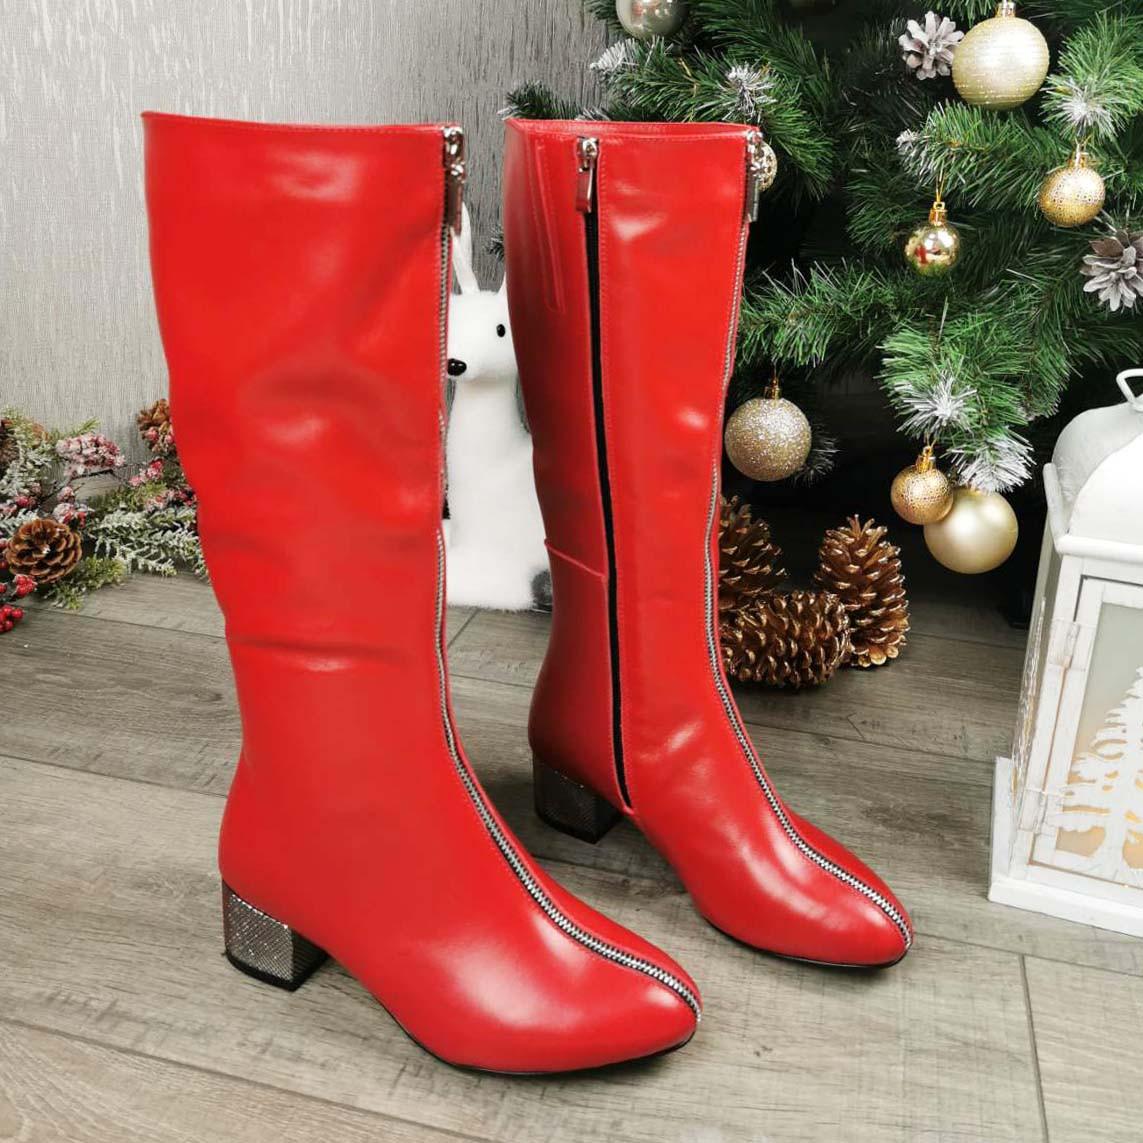 Сапоги красные на невысоком каблуке, декорированы молнией